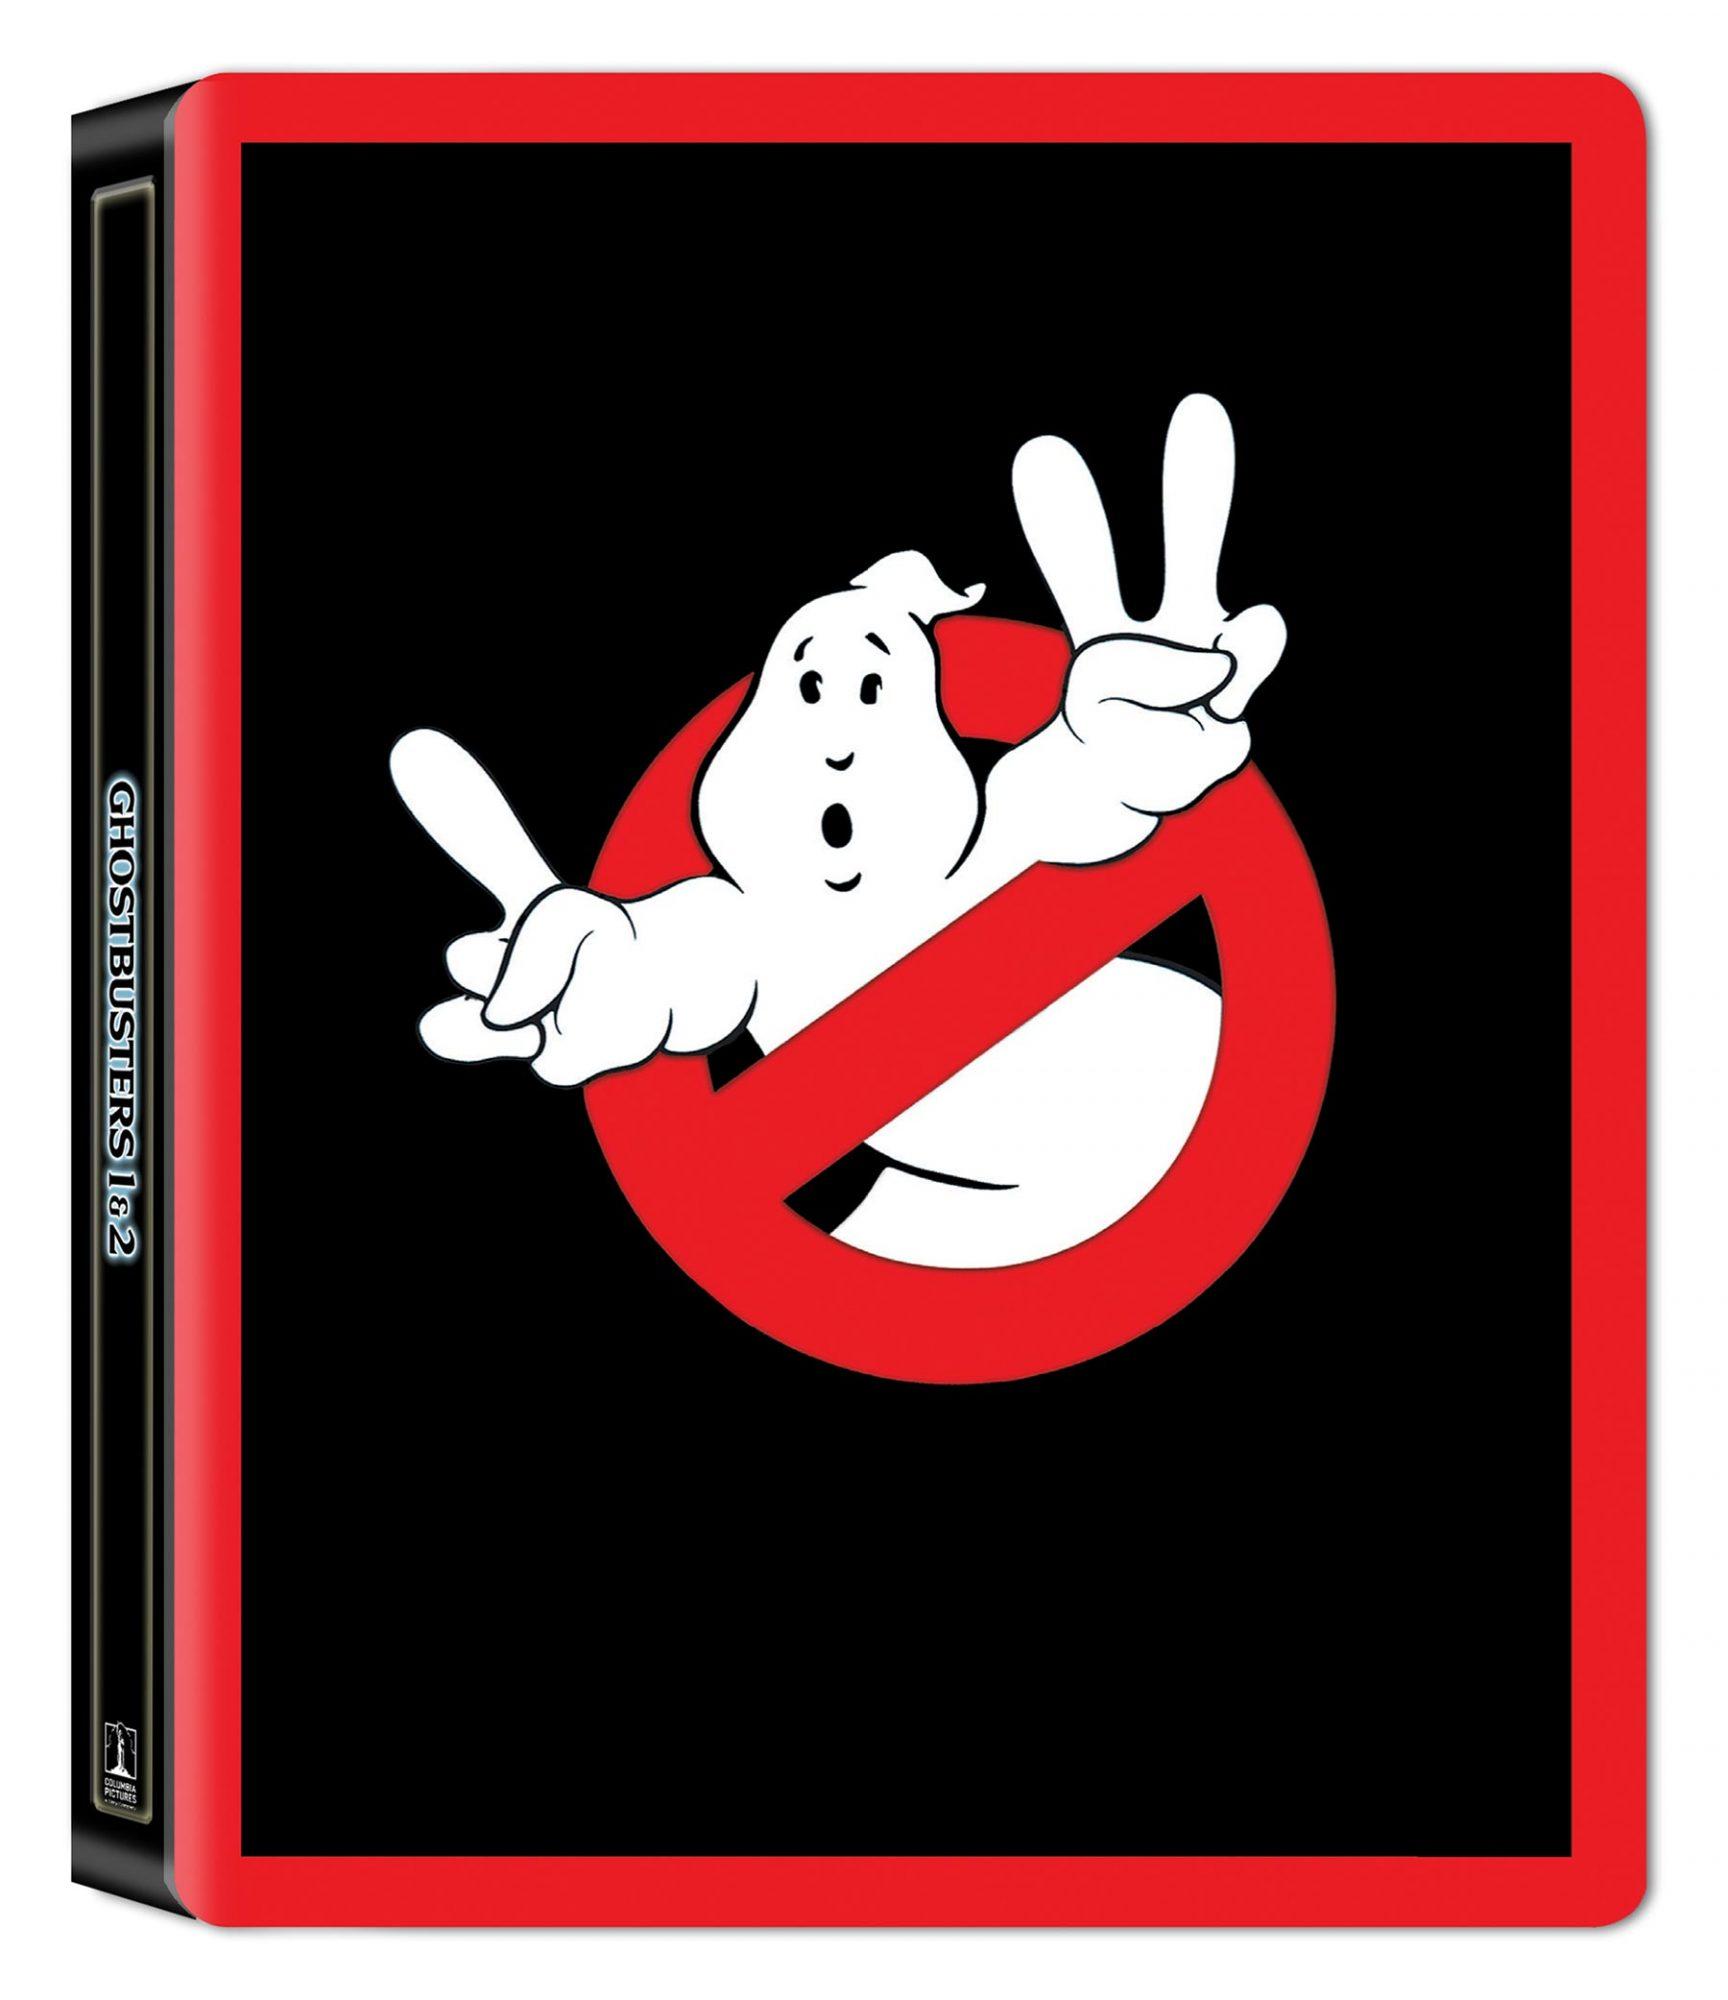 ghostbusters_set_steelbook.jpg